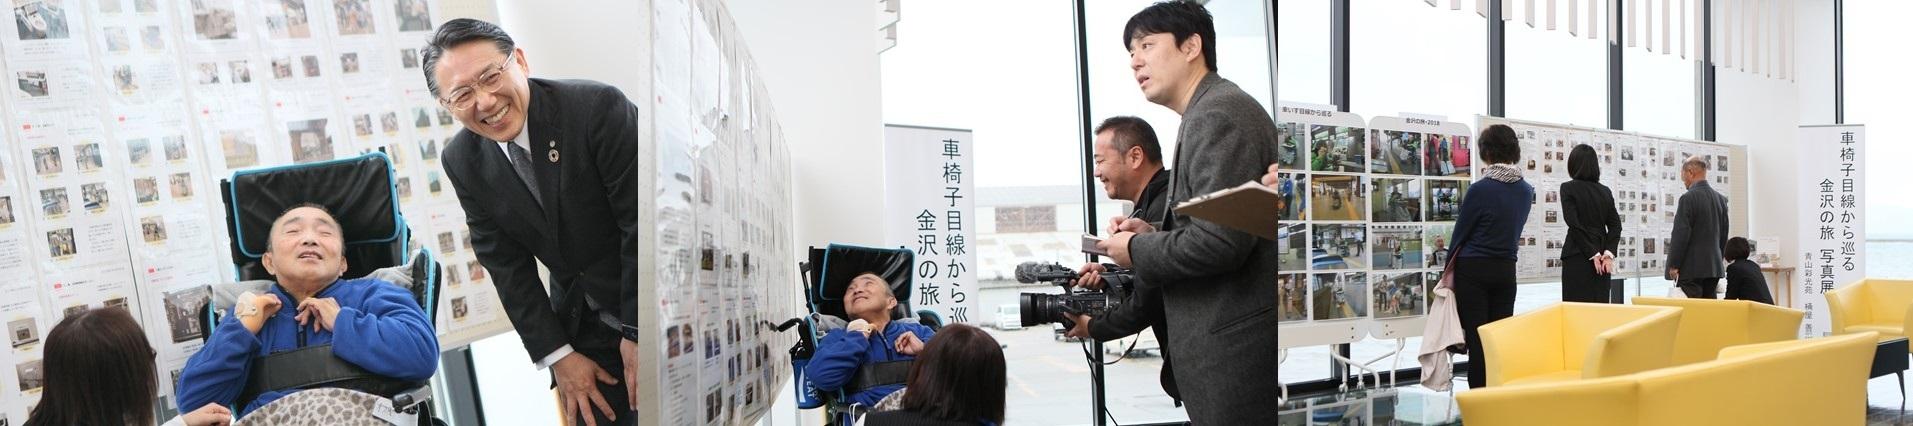 写真展「車椅子目線で巡る金沢の旅」オープニングセレモニー_b0115629_17334889.jpg